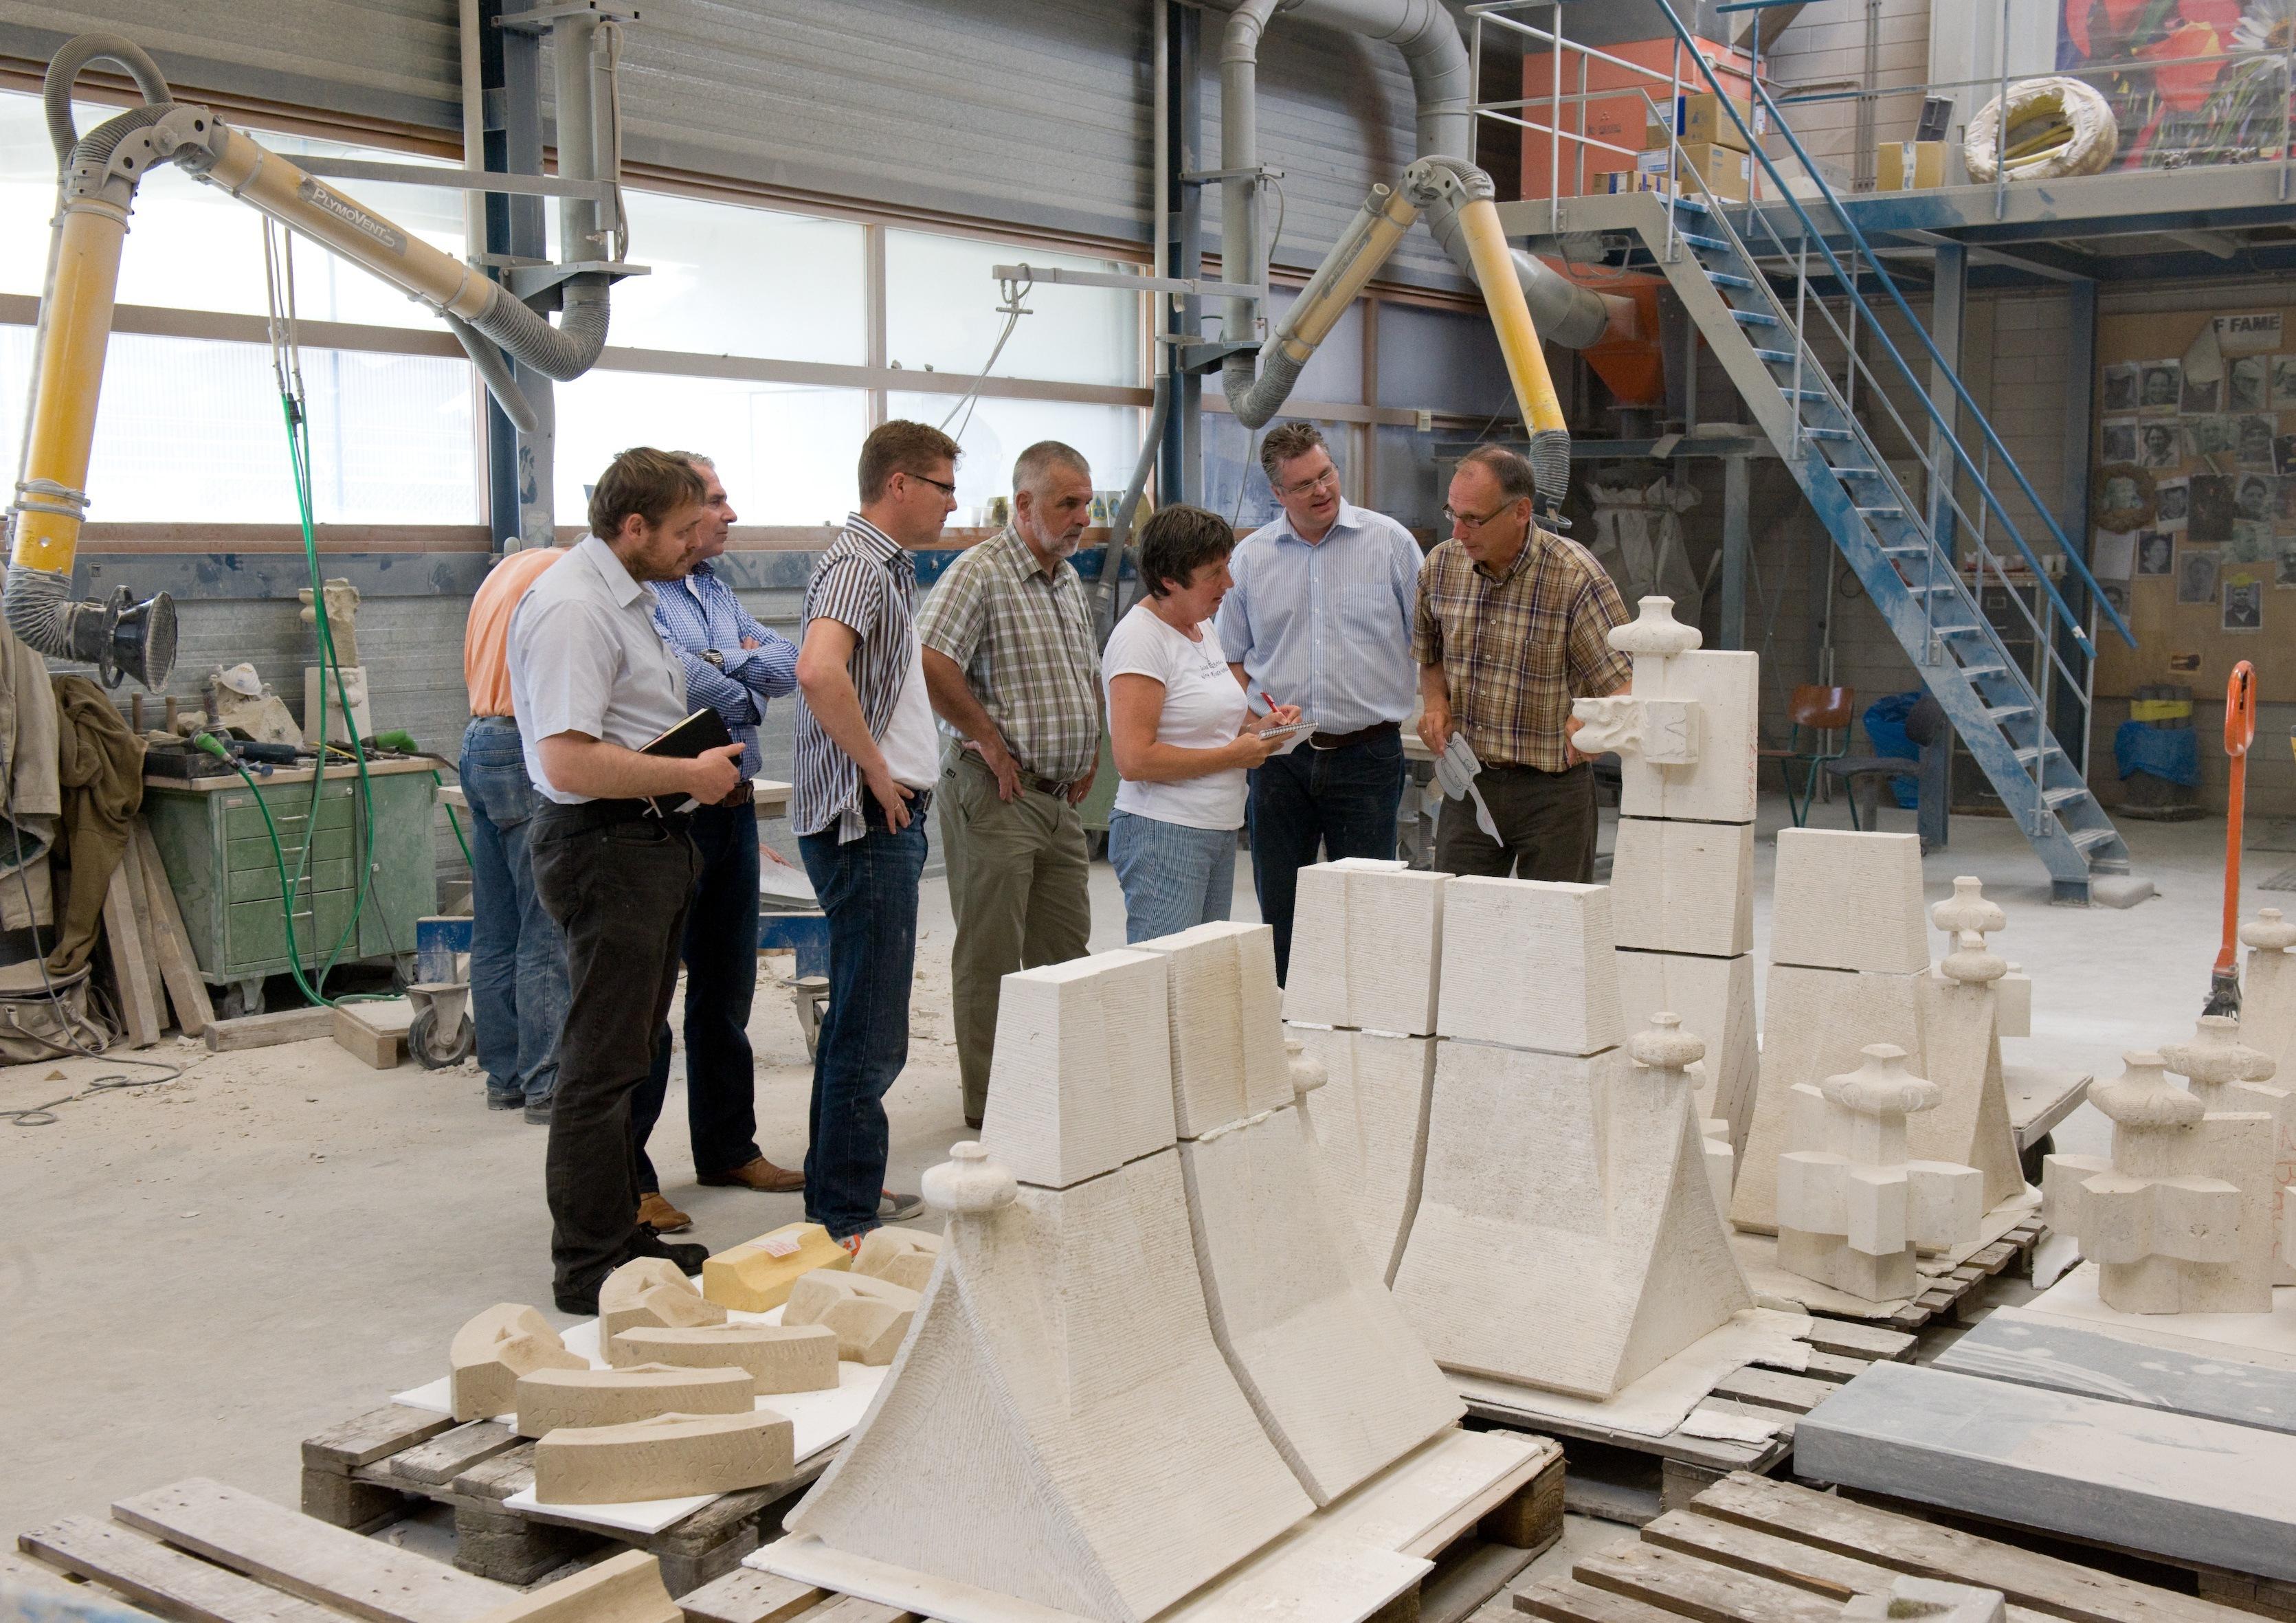 Het interviewen door Levien van medewerkers van steenhouwerij Maarssen in Utrecht, onder wie projectleider John van den Heuvel.